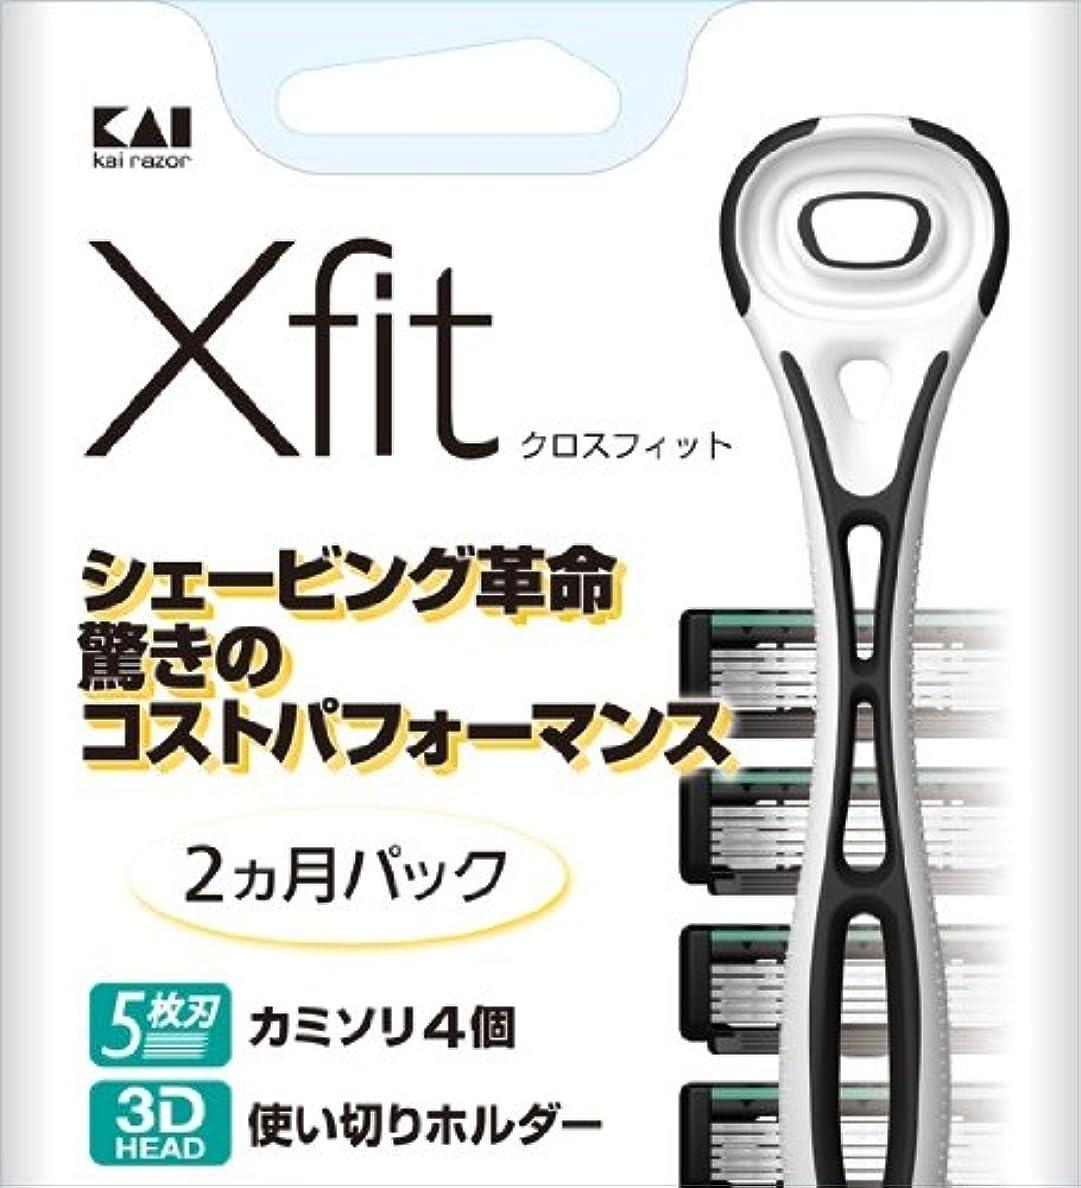 工業用頭蓋骨強いXfit(クロスフィット) 替刃4個入り